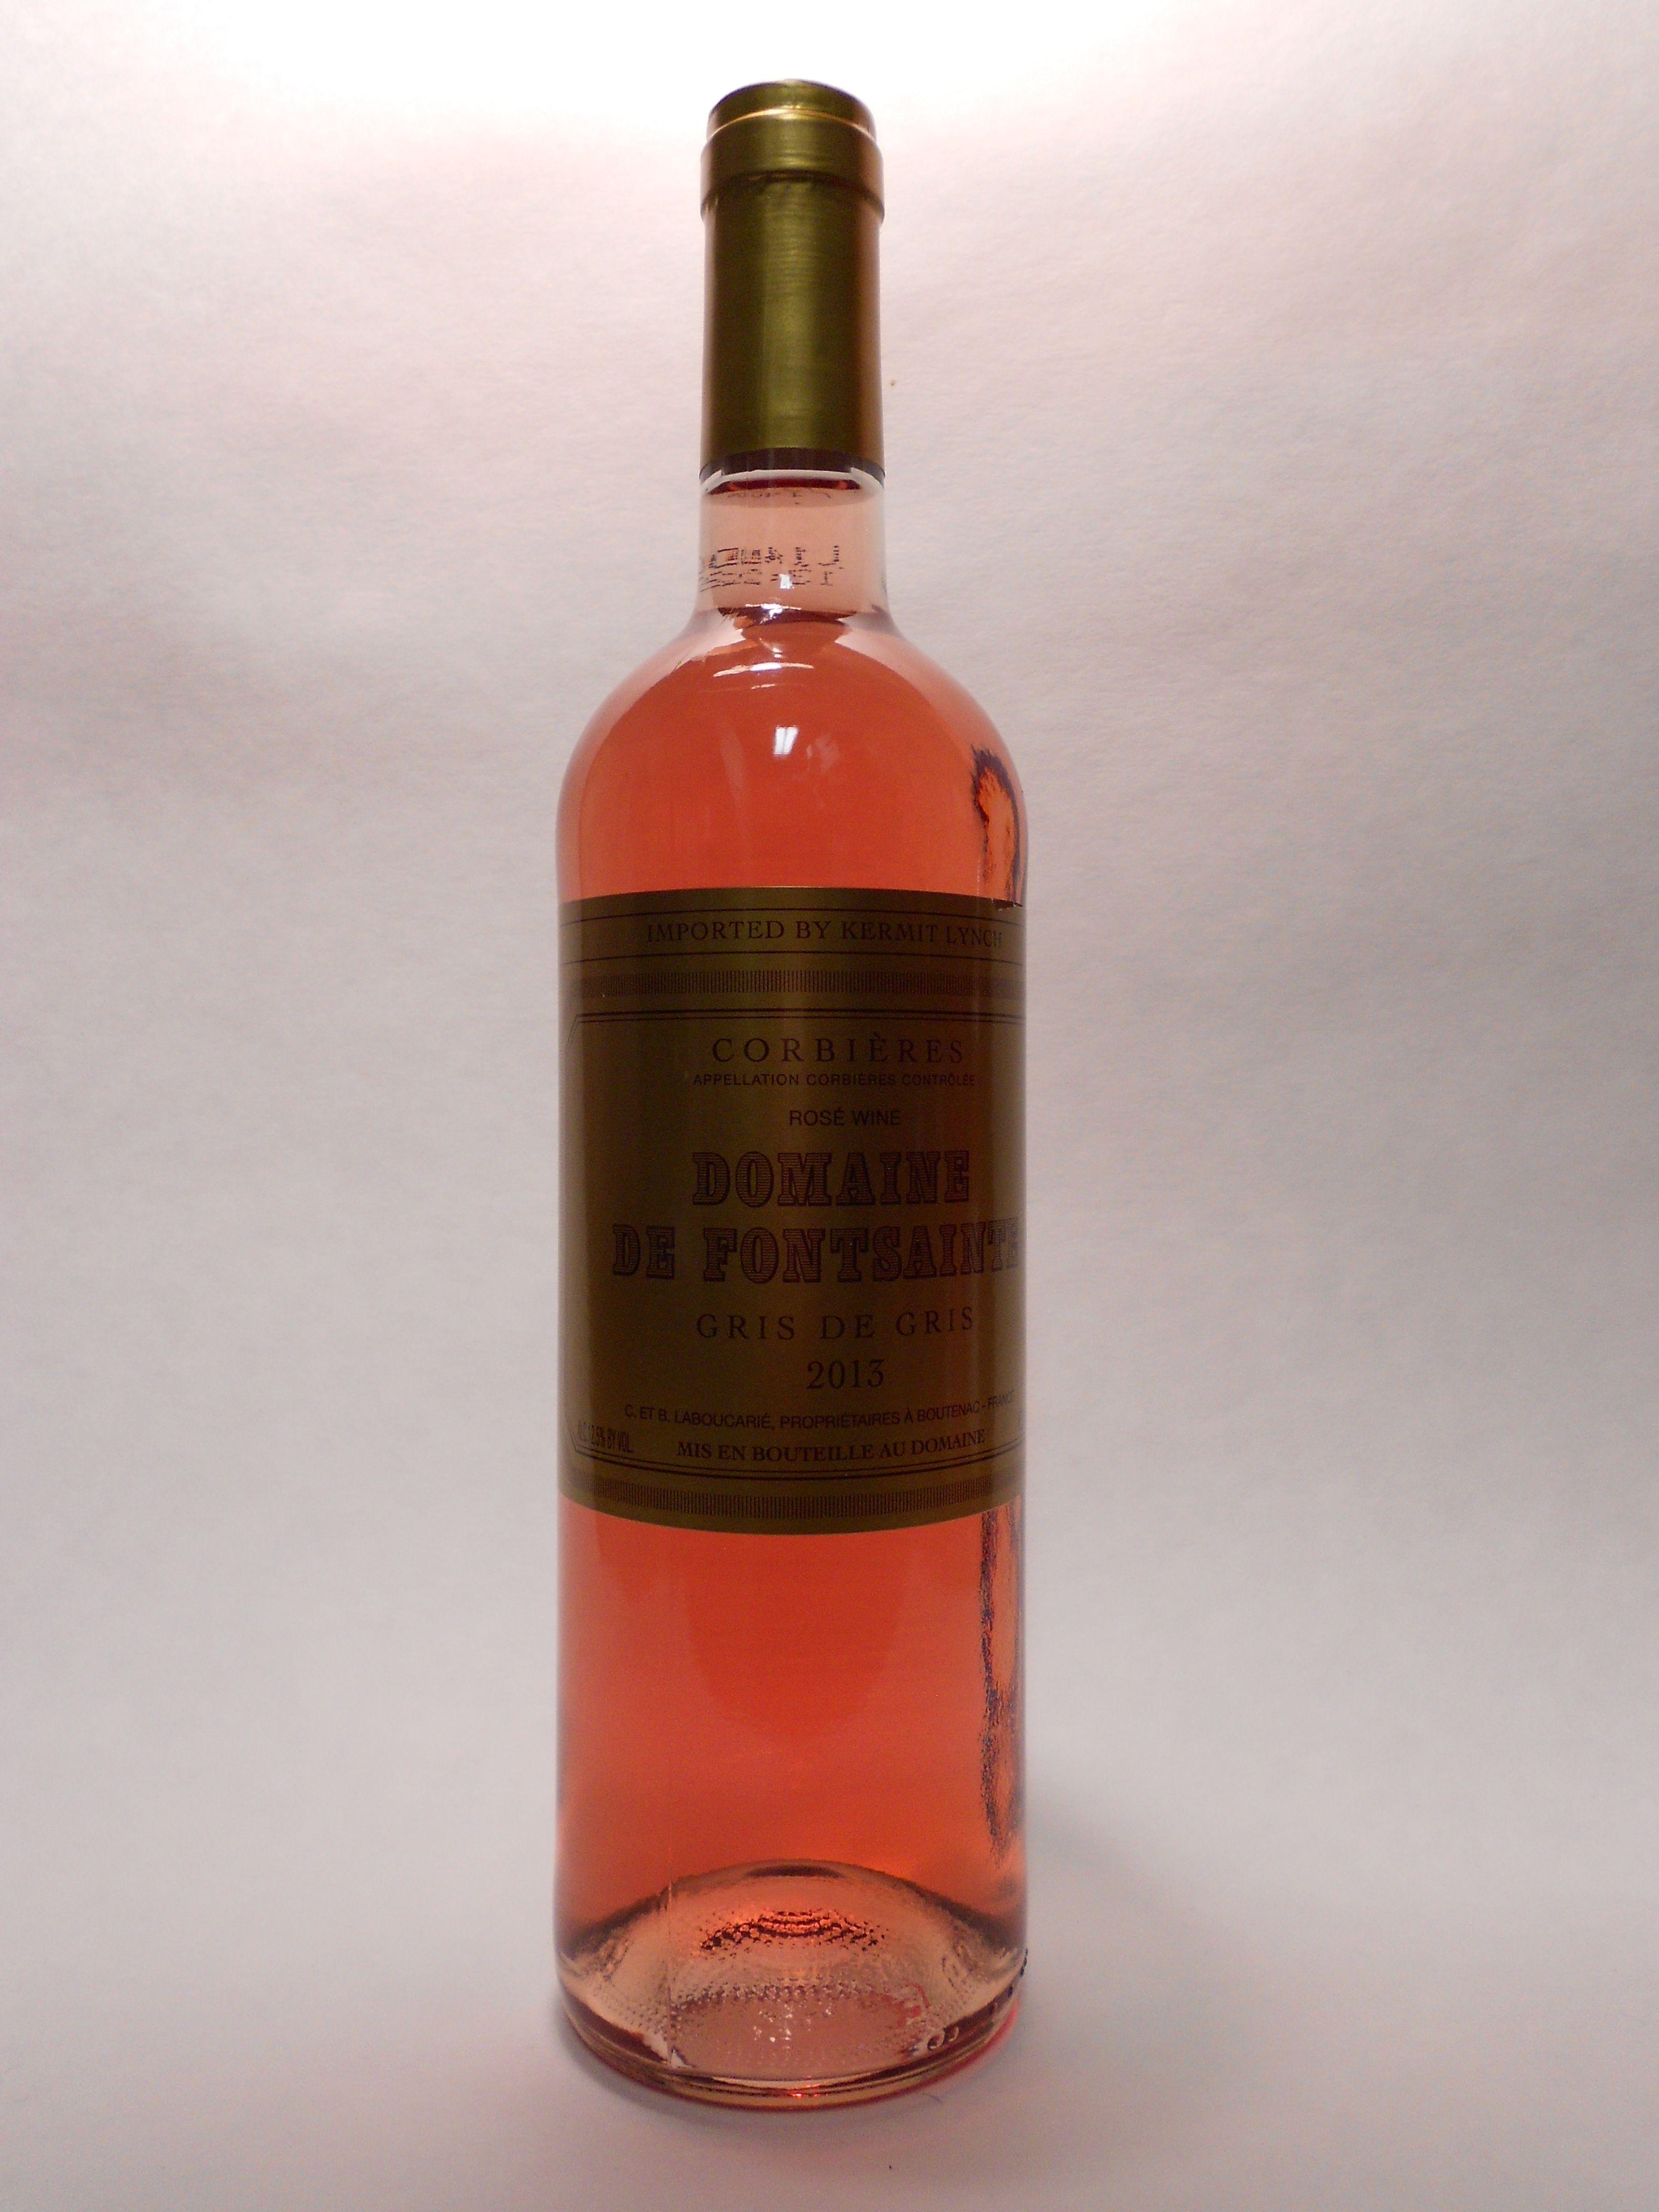 2013 Corbieres Gris De Gris Fontsainte Sku 61190 Www Bassins Com Phone 202 338 1433 Wine Bottle Rose Wine Bottle Wines